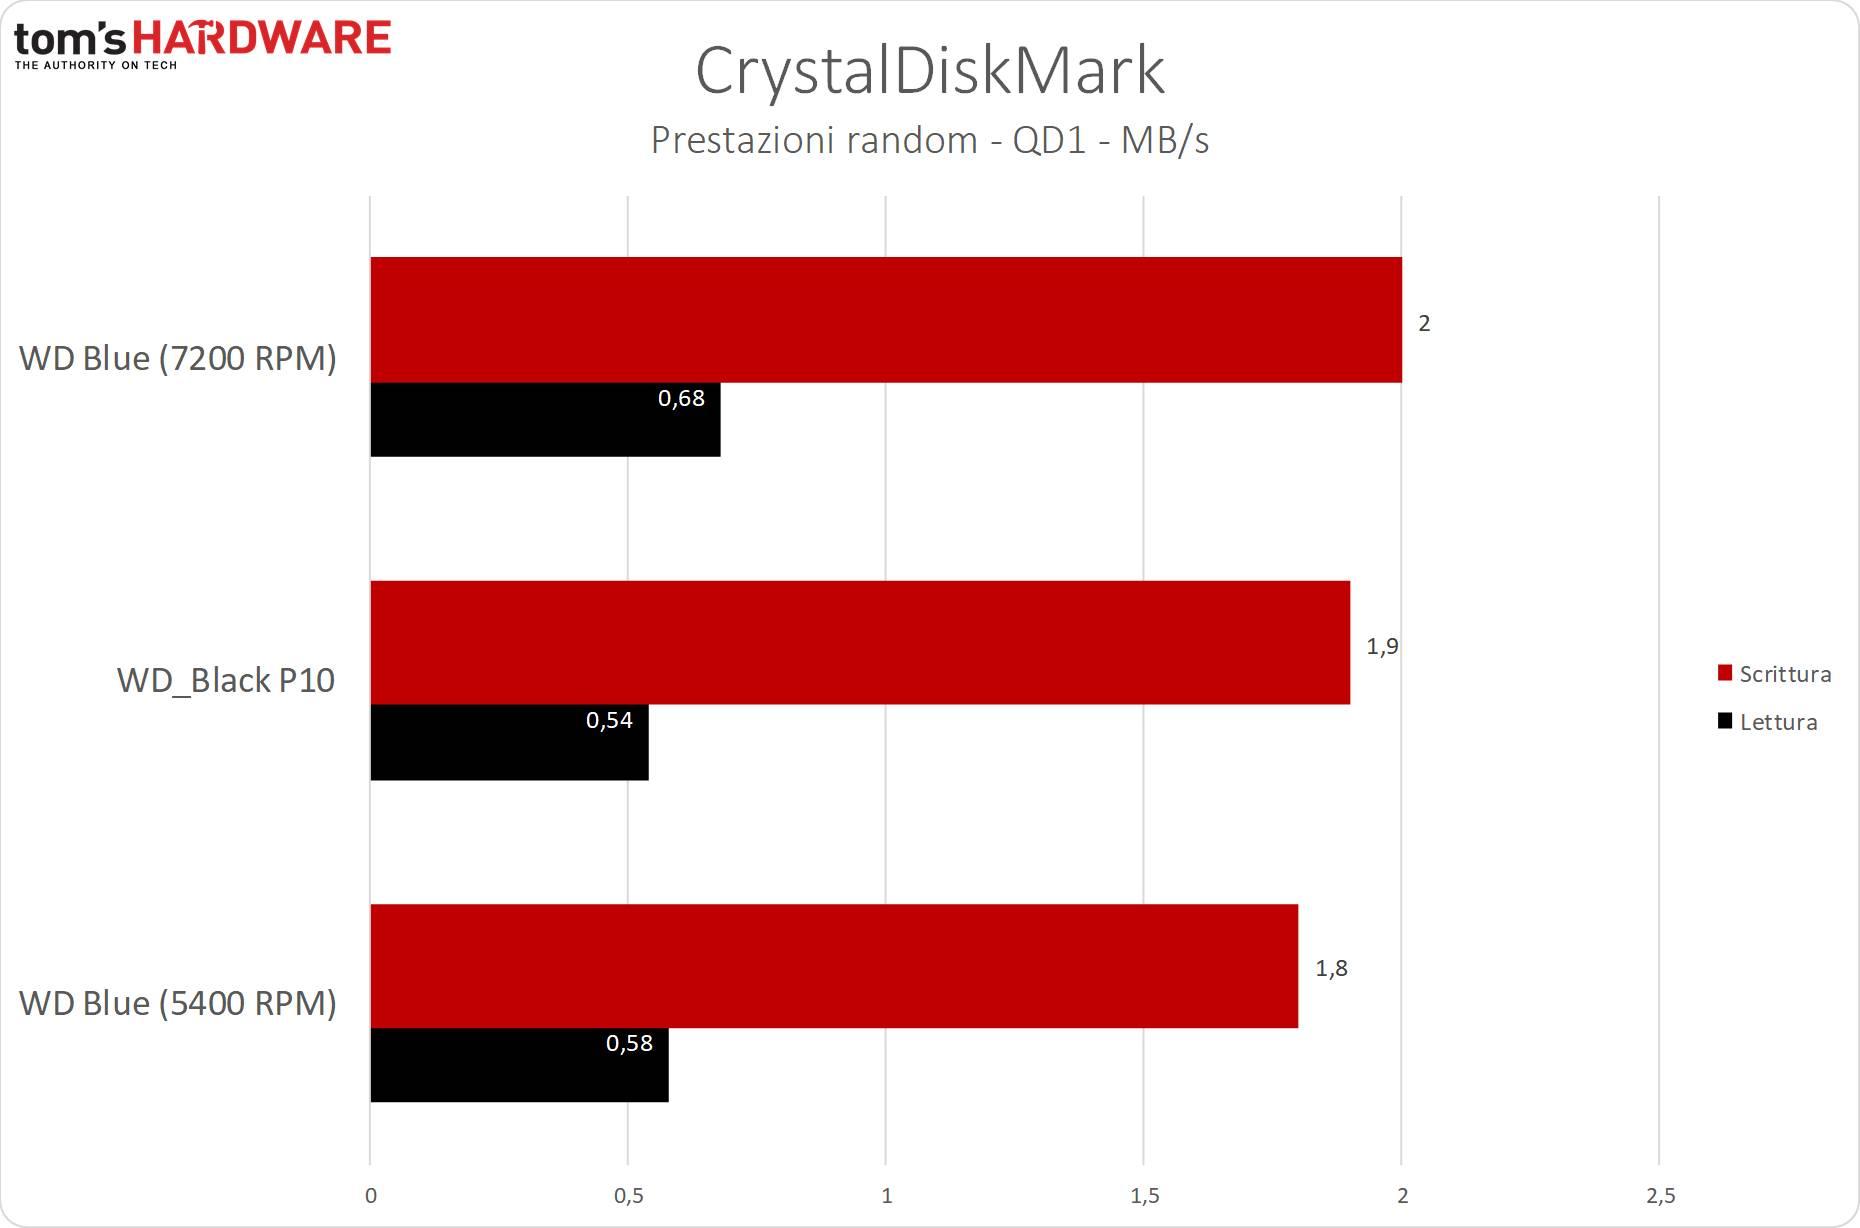 WD_Black P10 - CrystalDiskMark - Random